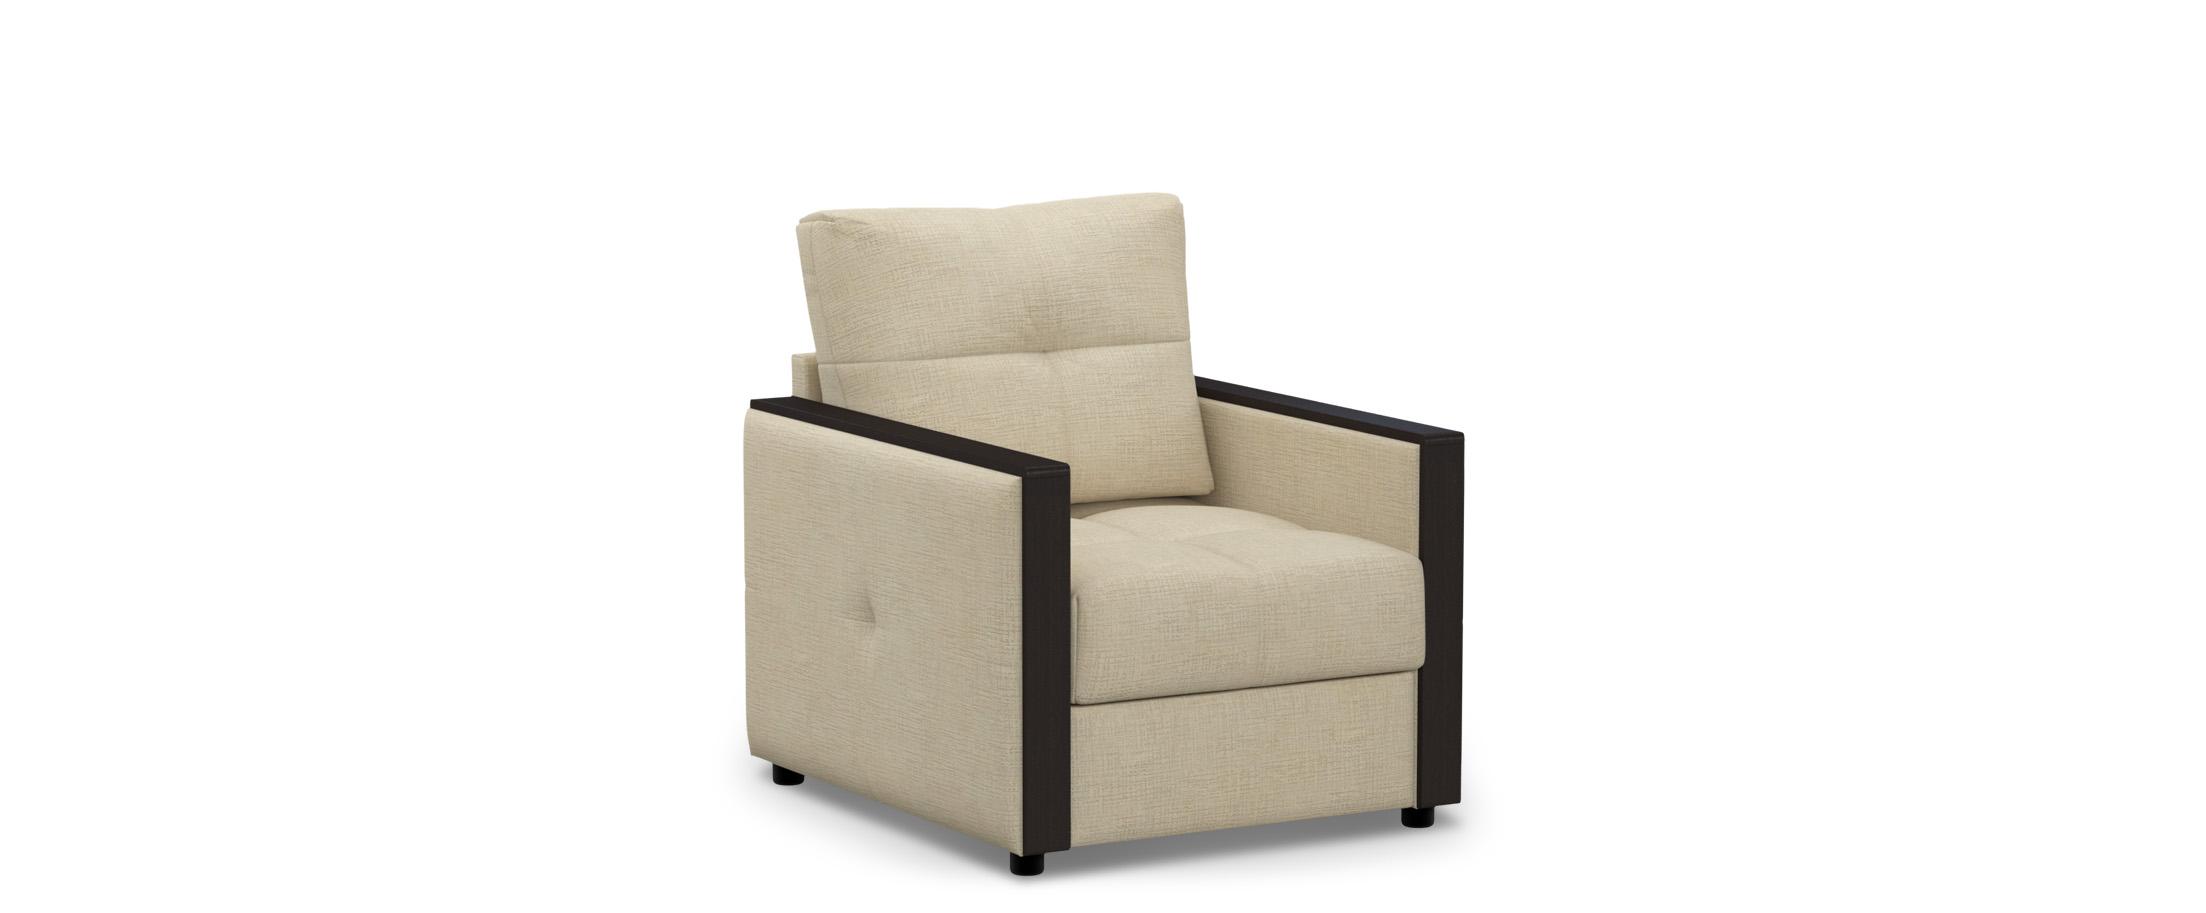 Кресло тканевое Мадрид 125 фото